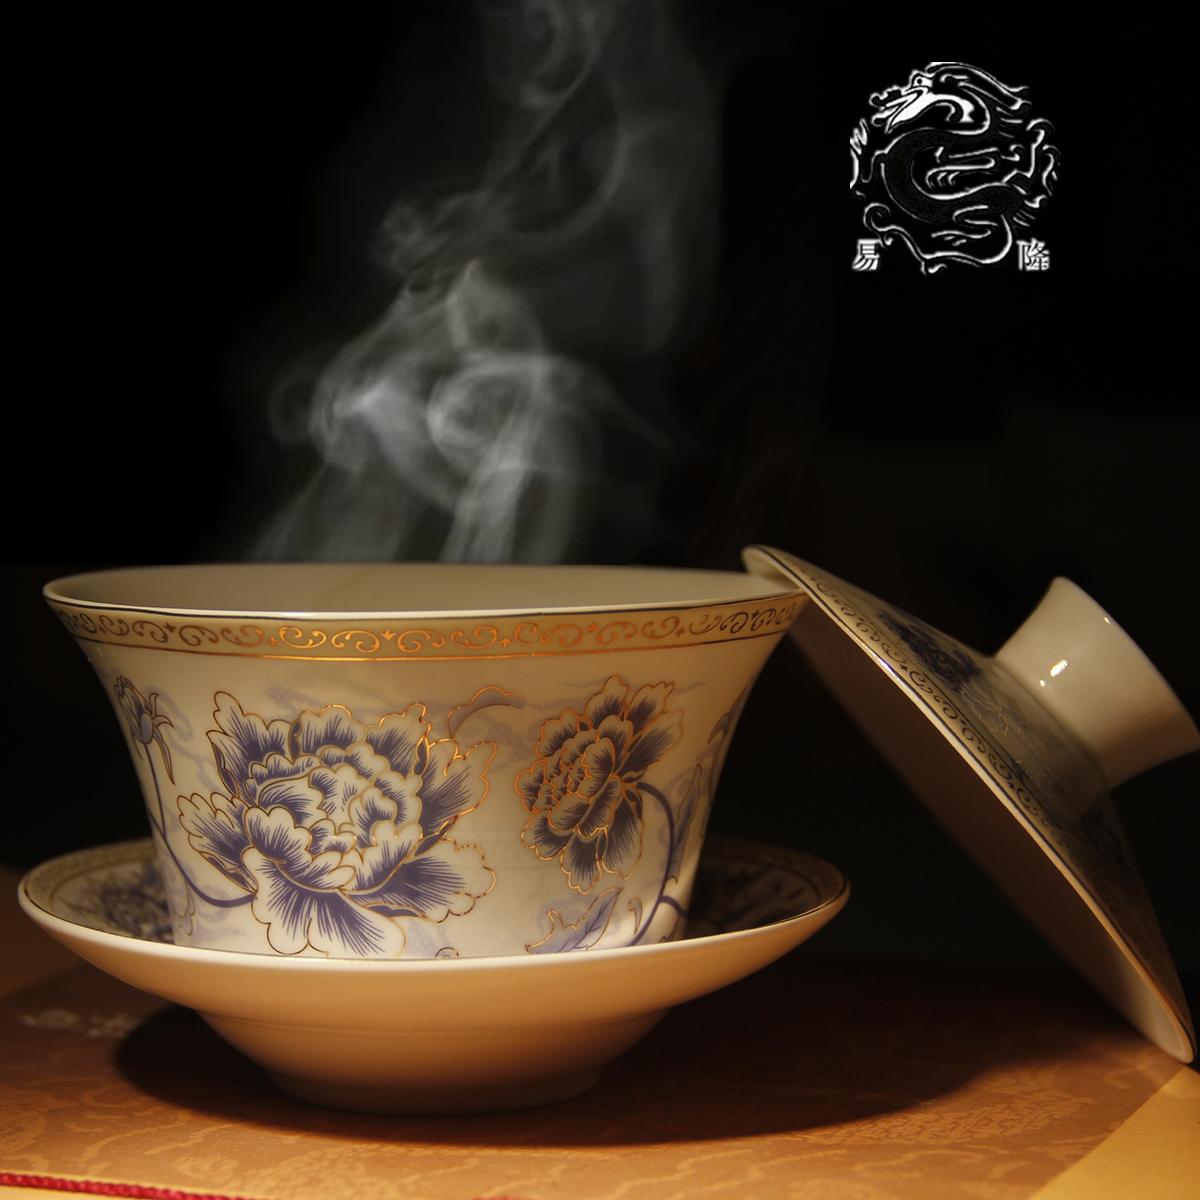 300cc特大號陶瓷蓋碗 加大號蓋碗 三炮台八寶茶碗 骨瓷三才碗茶杯